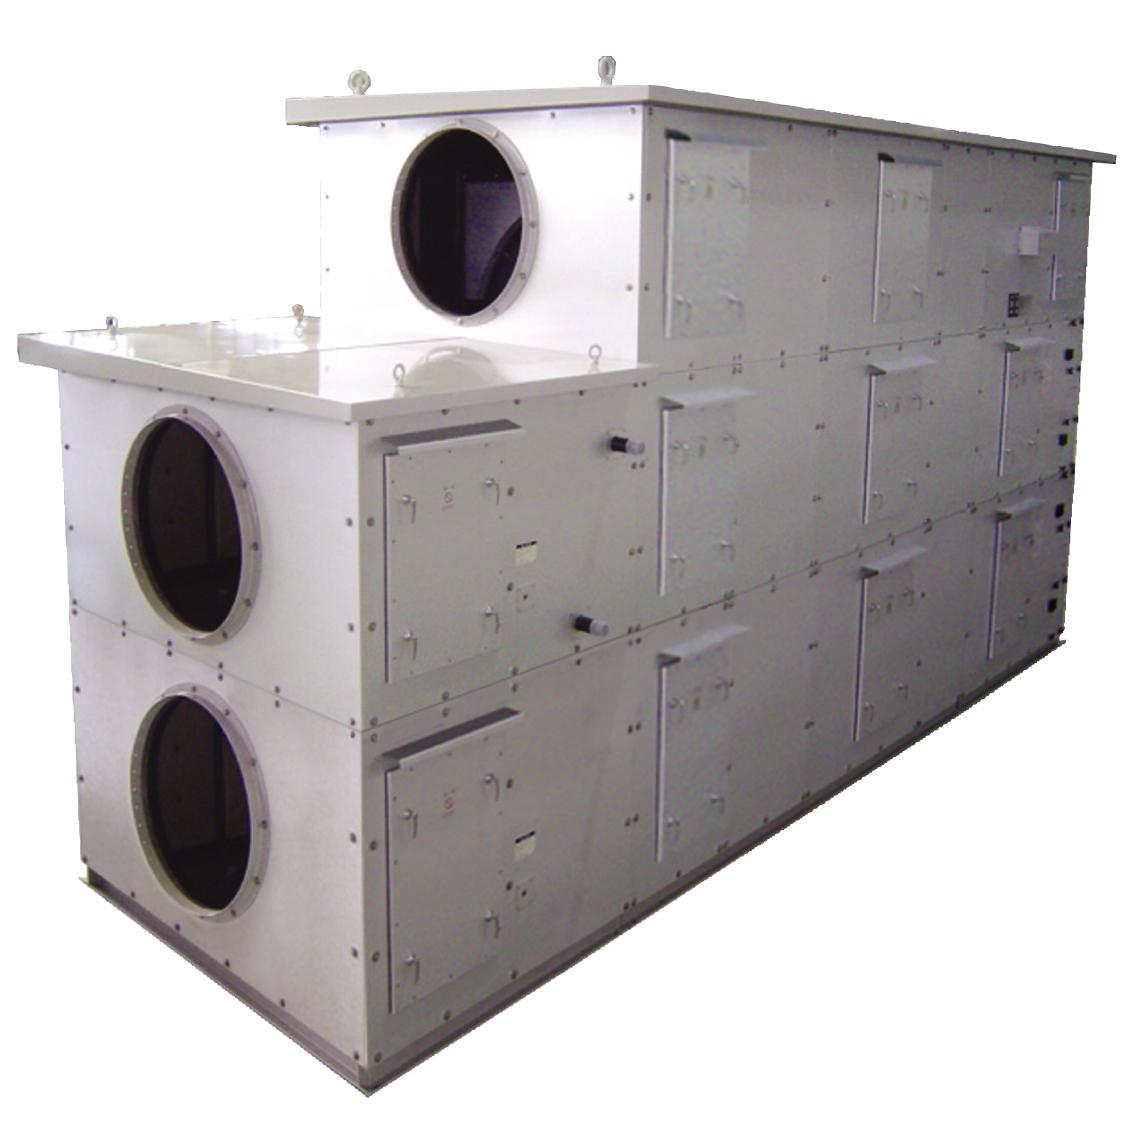 冷温水式リタンエアデシカント外気処理機/空調機 ラデック